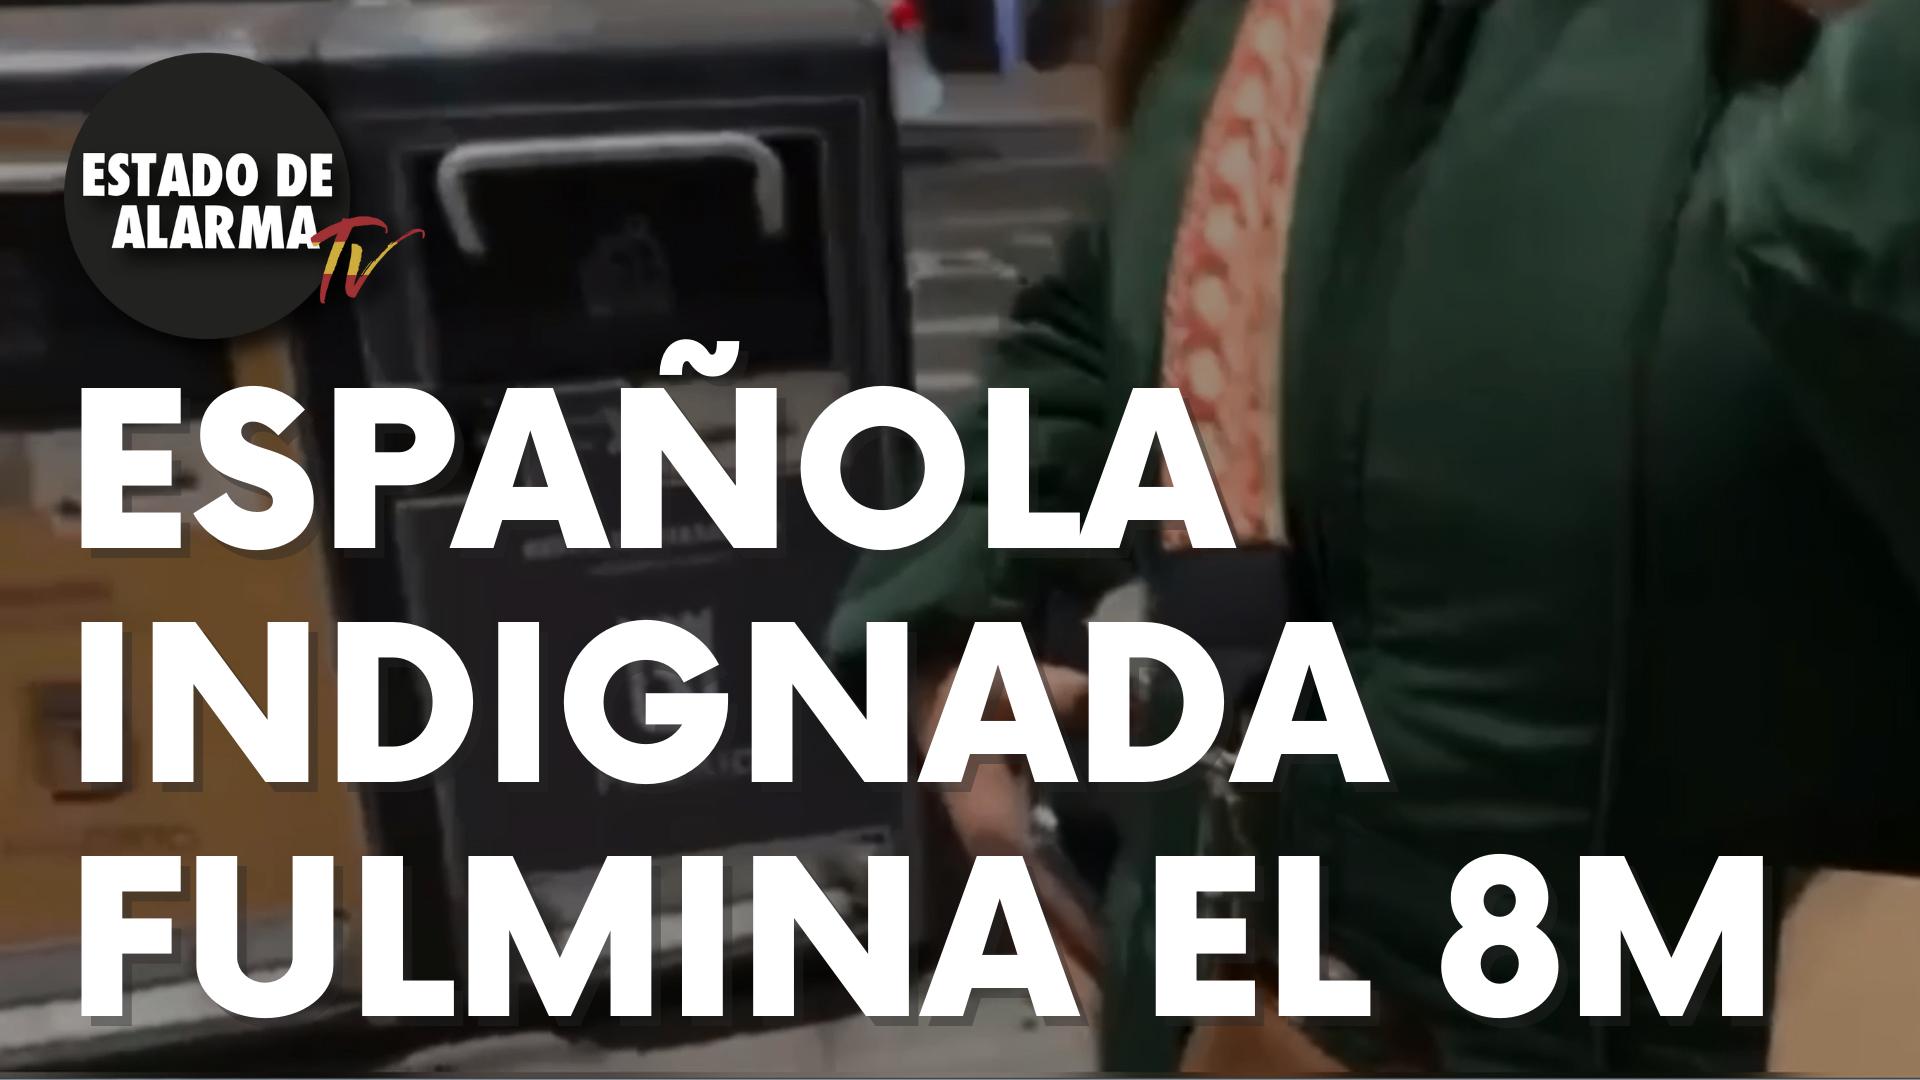 Una española indignada fulmina el 8M